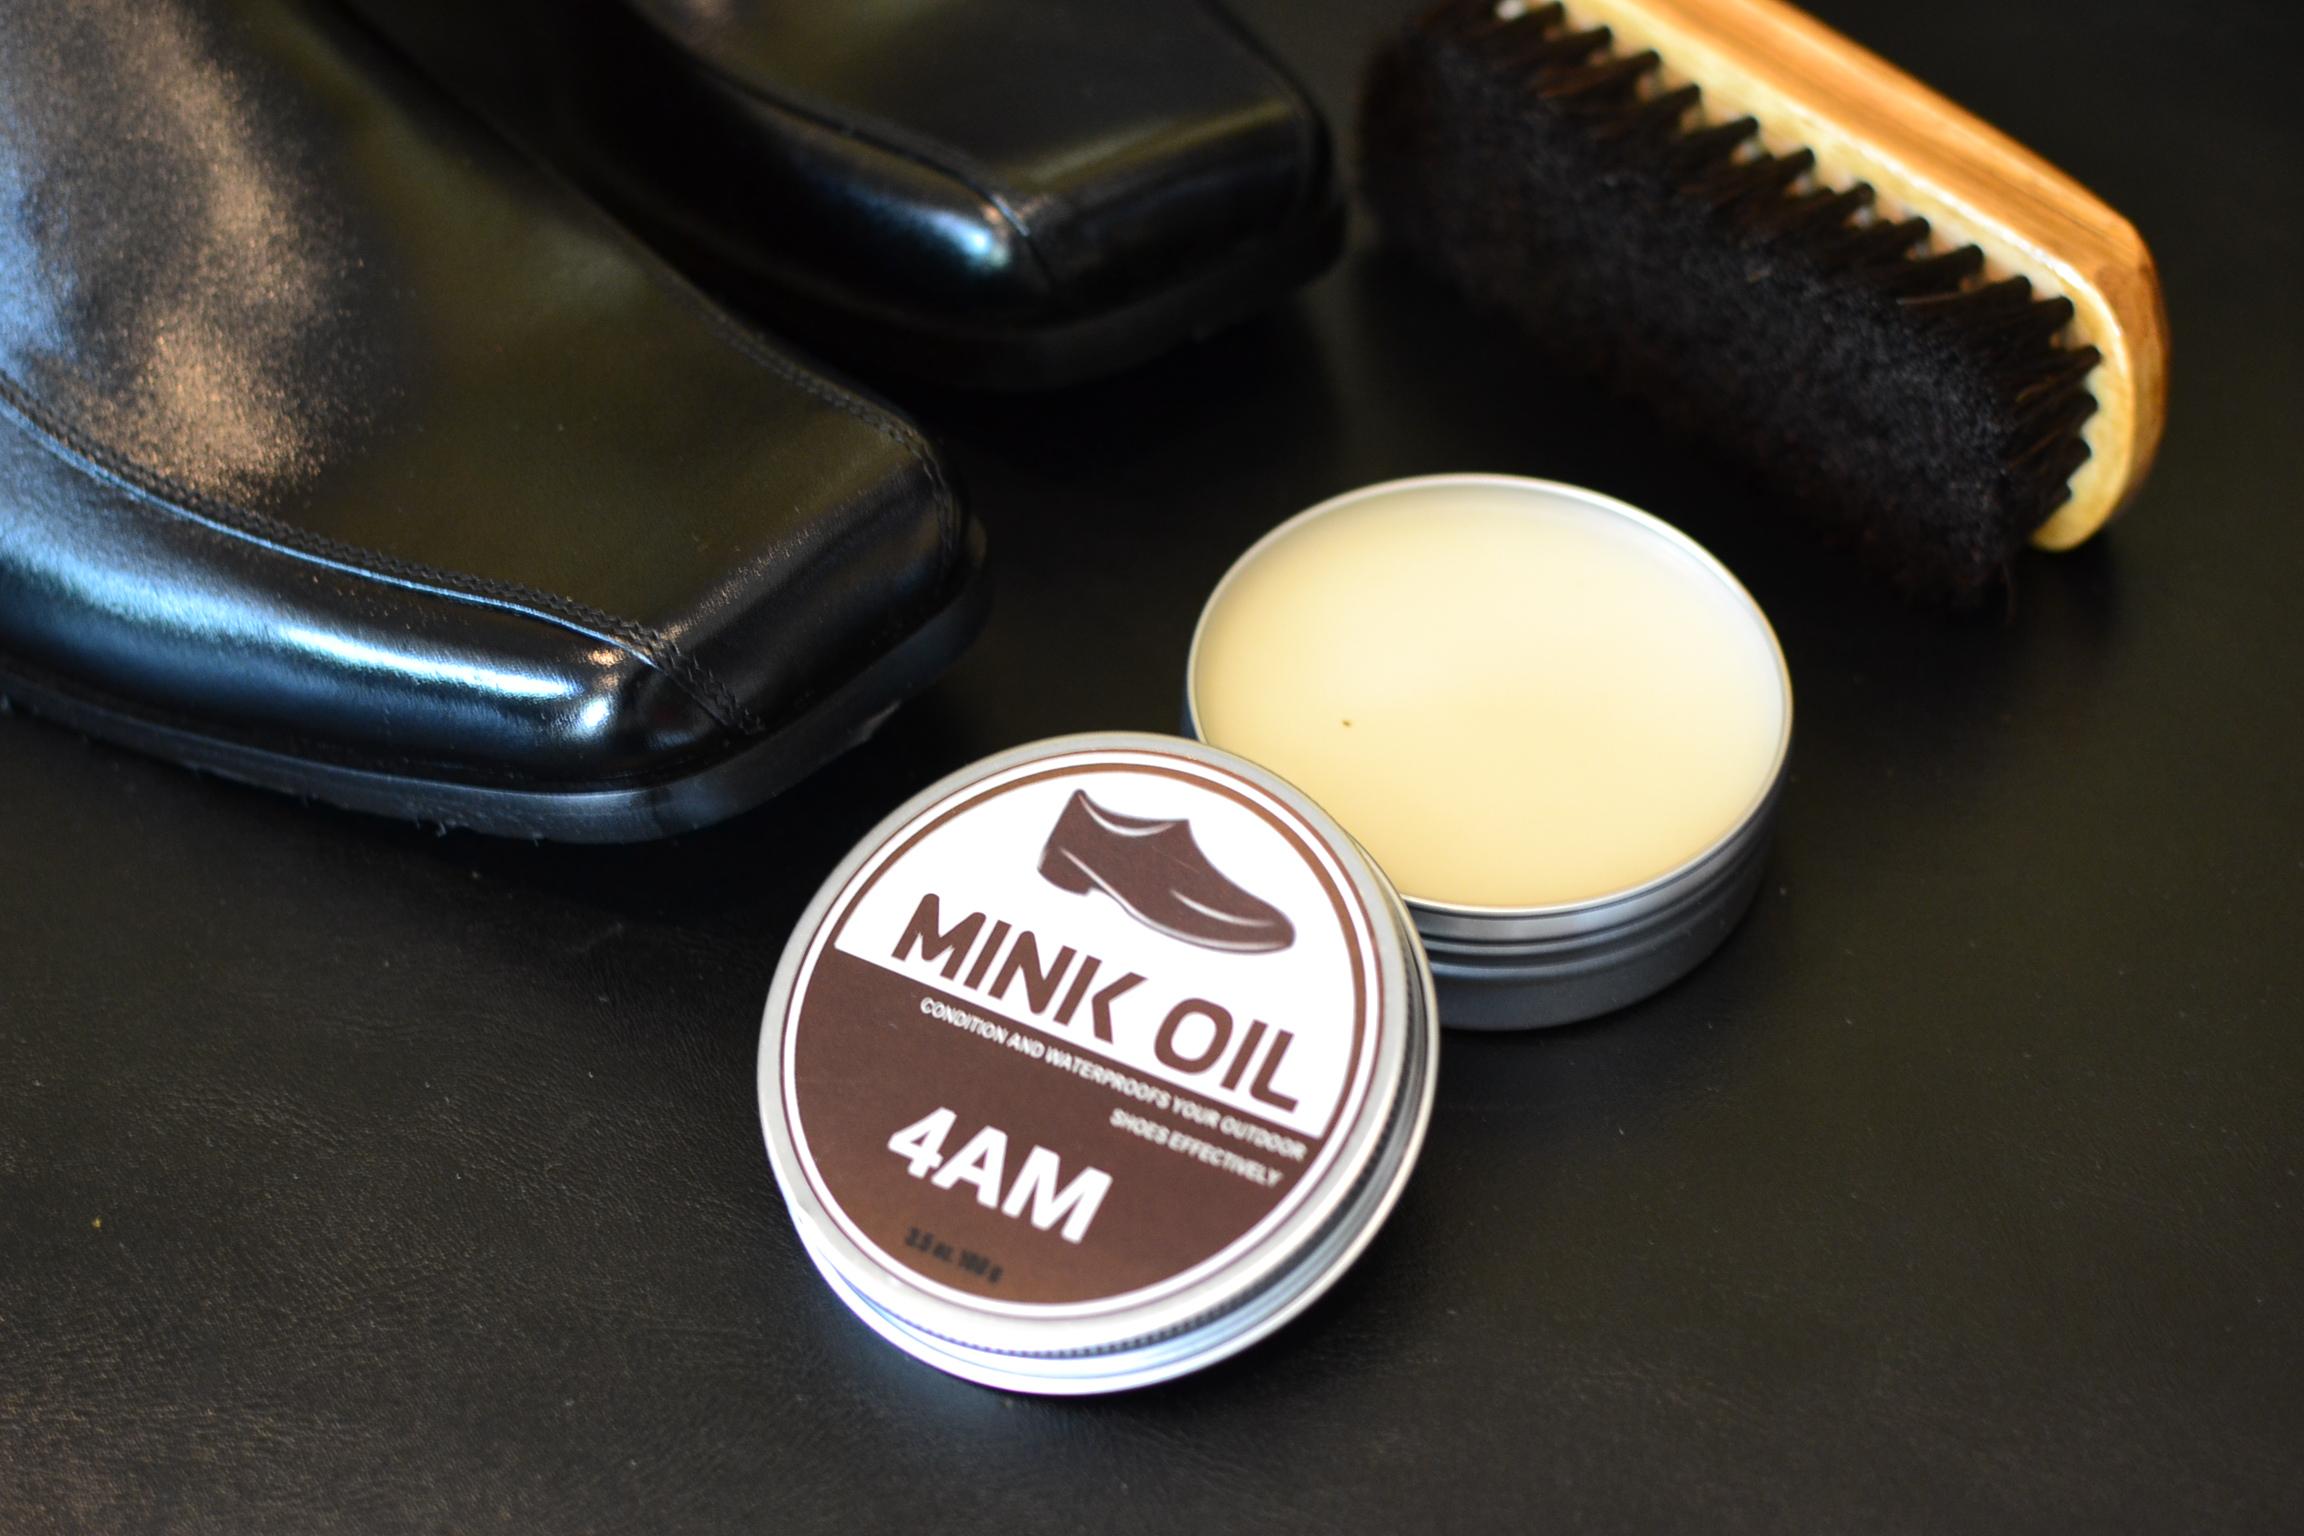 ครีม Mink Oil + แปรงขนม้าแท้